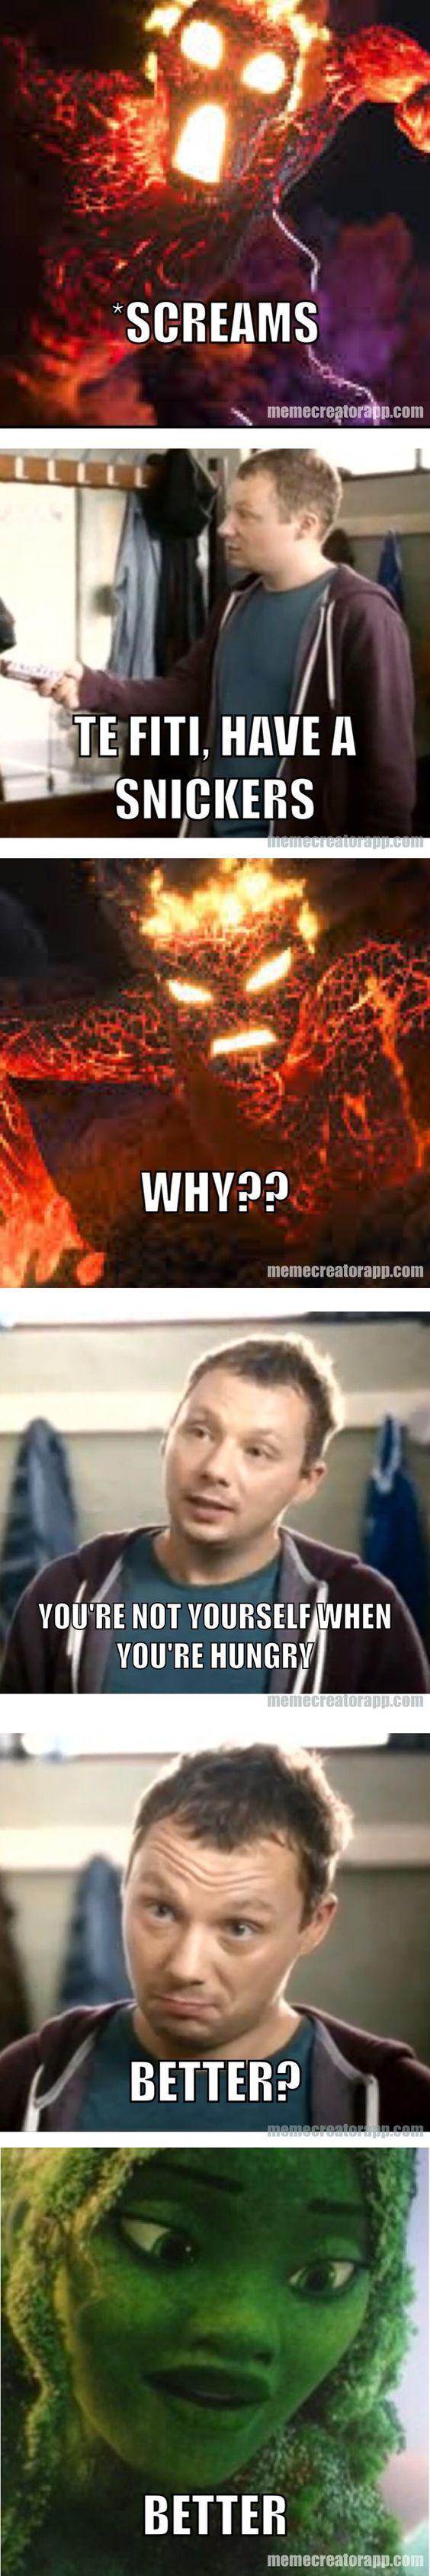 31 moana funny memes #moana #Disney